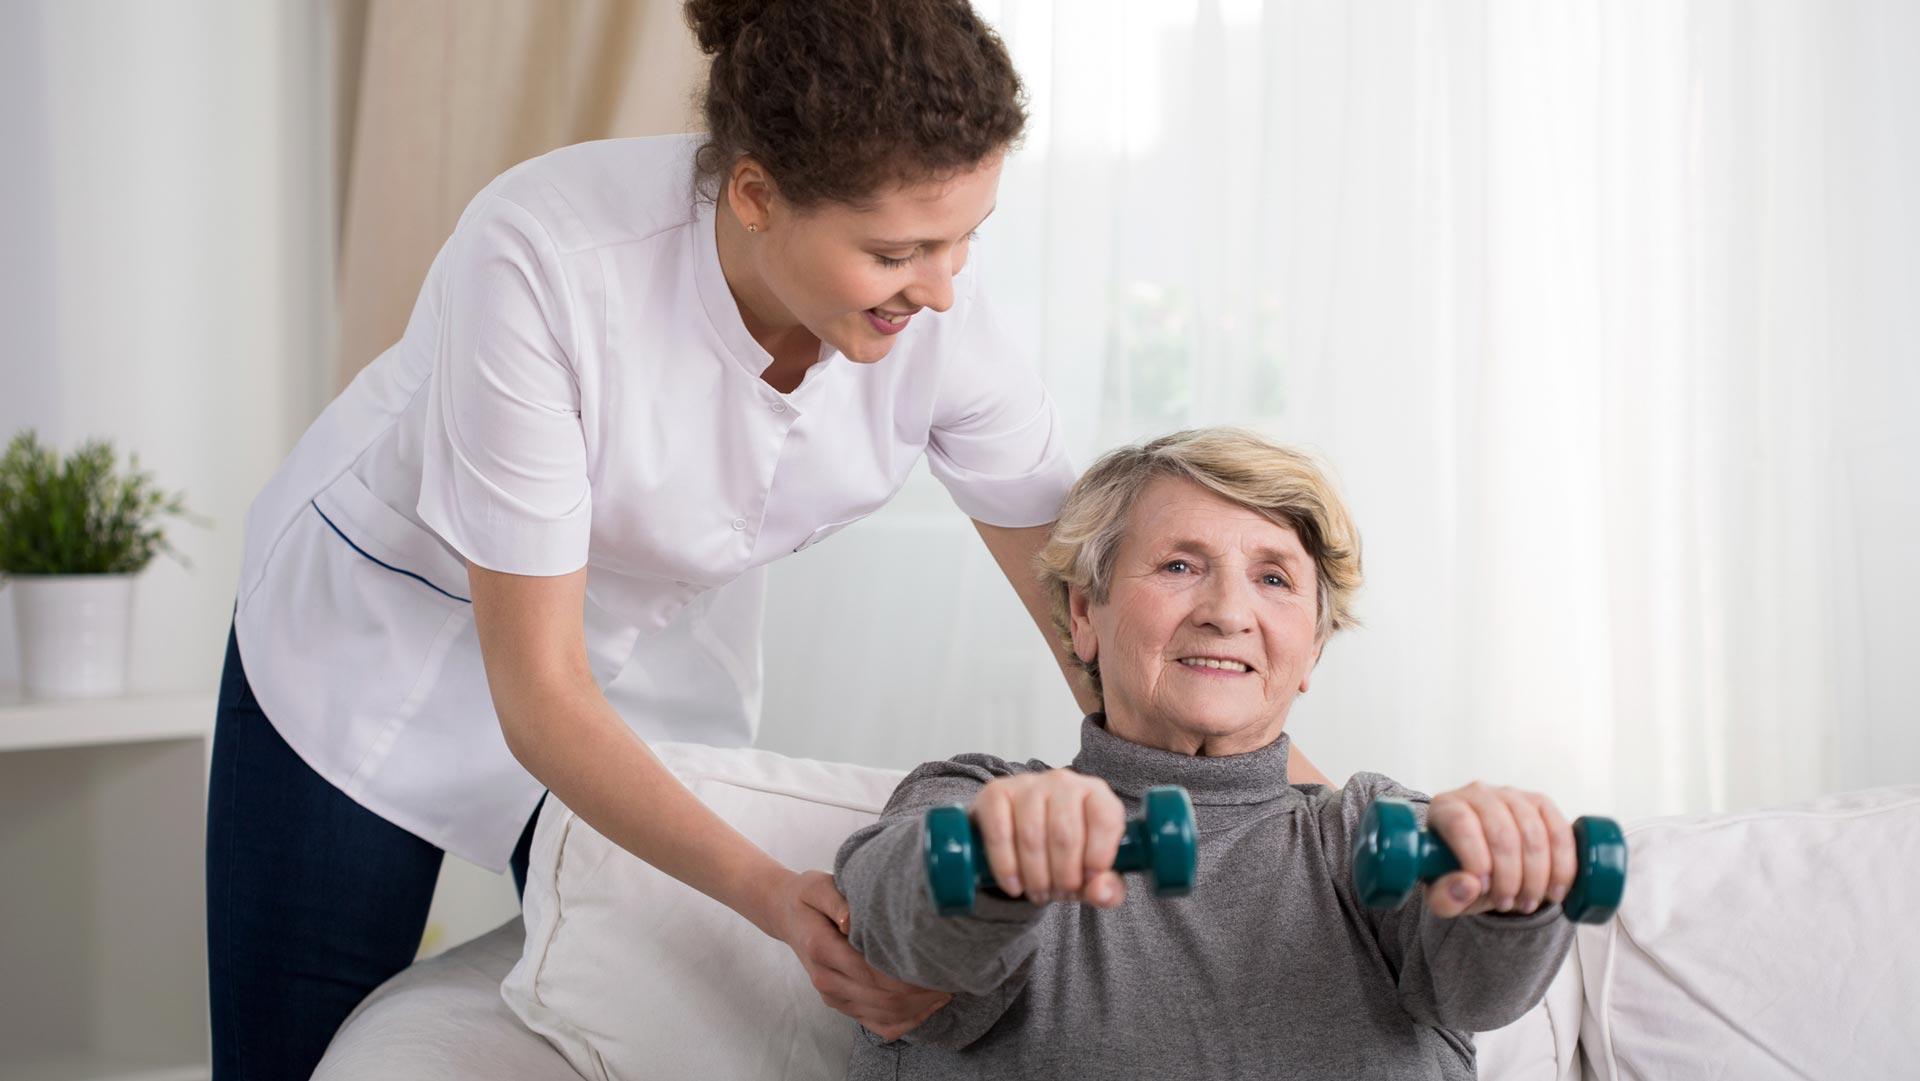 روشی برای تقویت ریه بیماران کرونایی